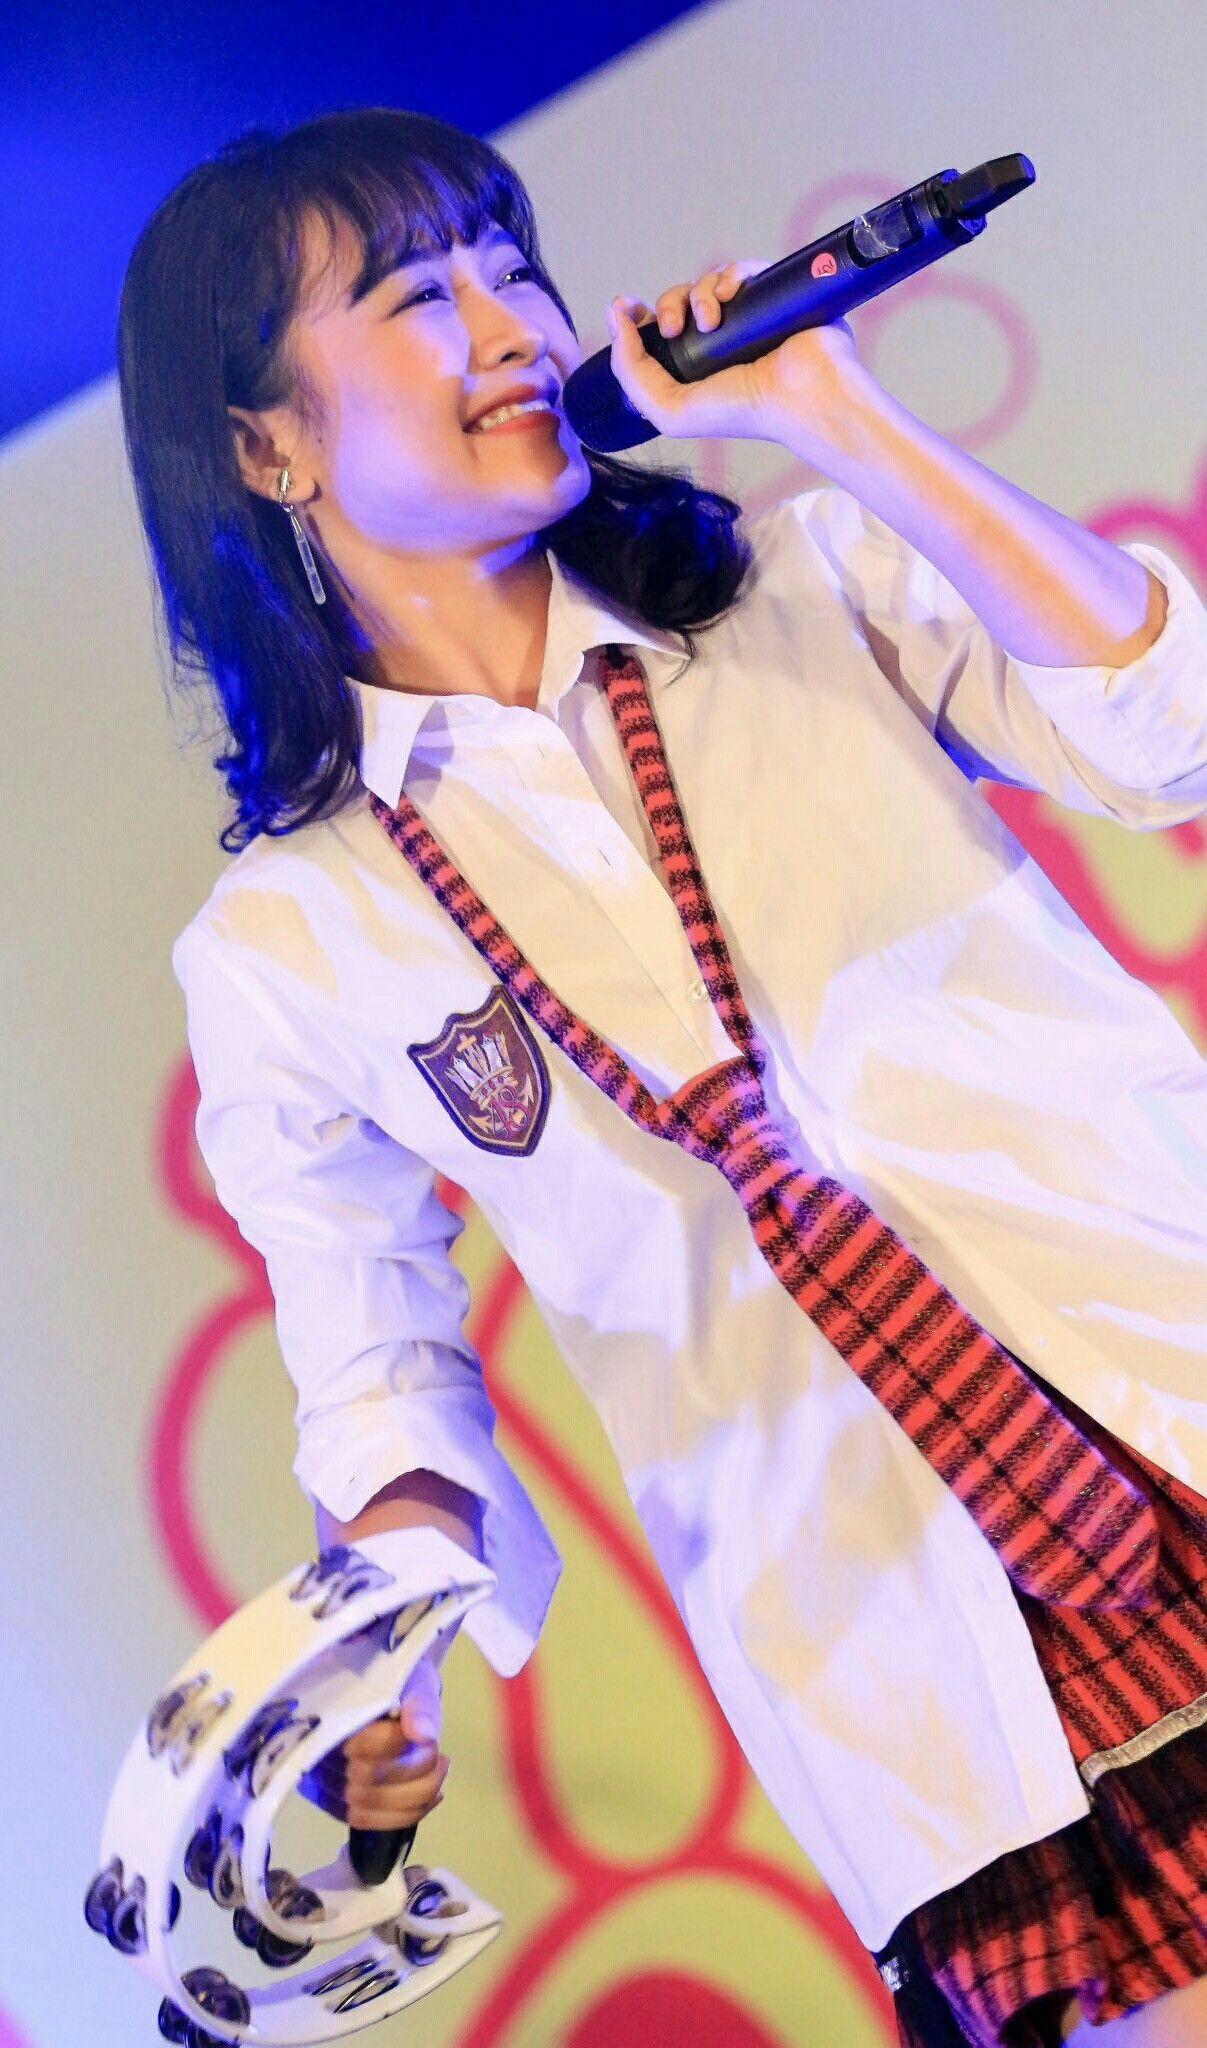 Pin oleh JKT48 di Devi Kinal Putri Putri